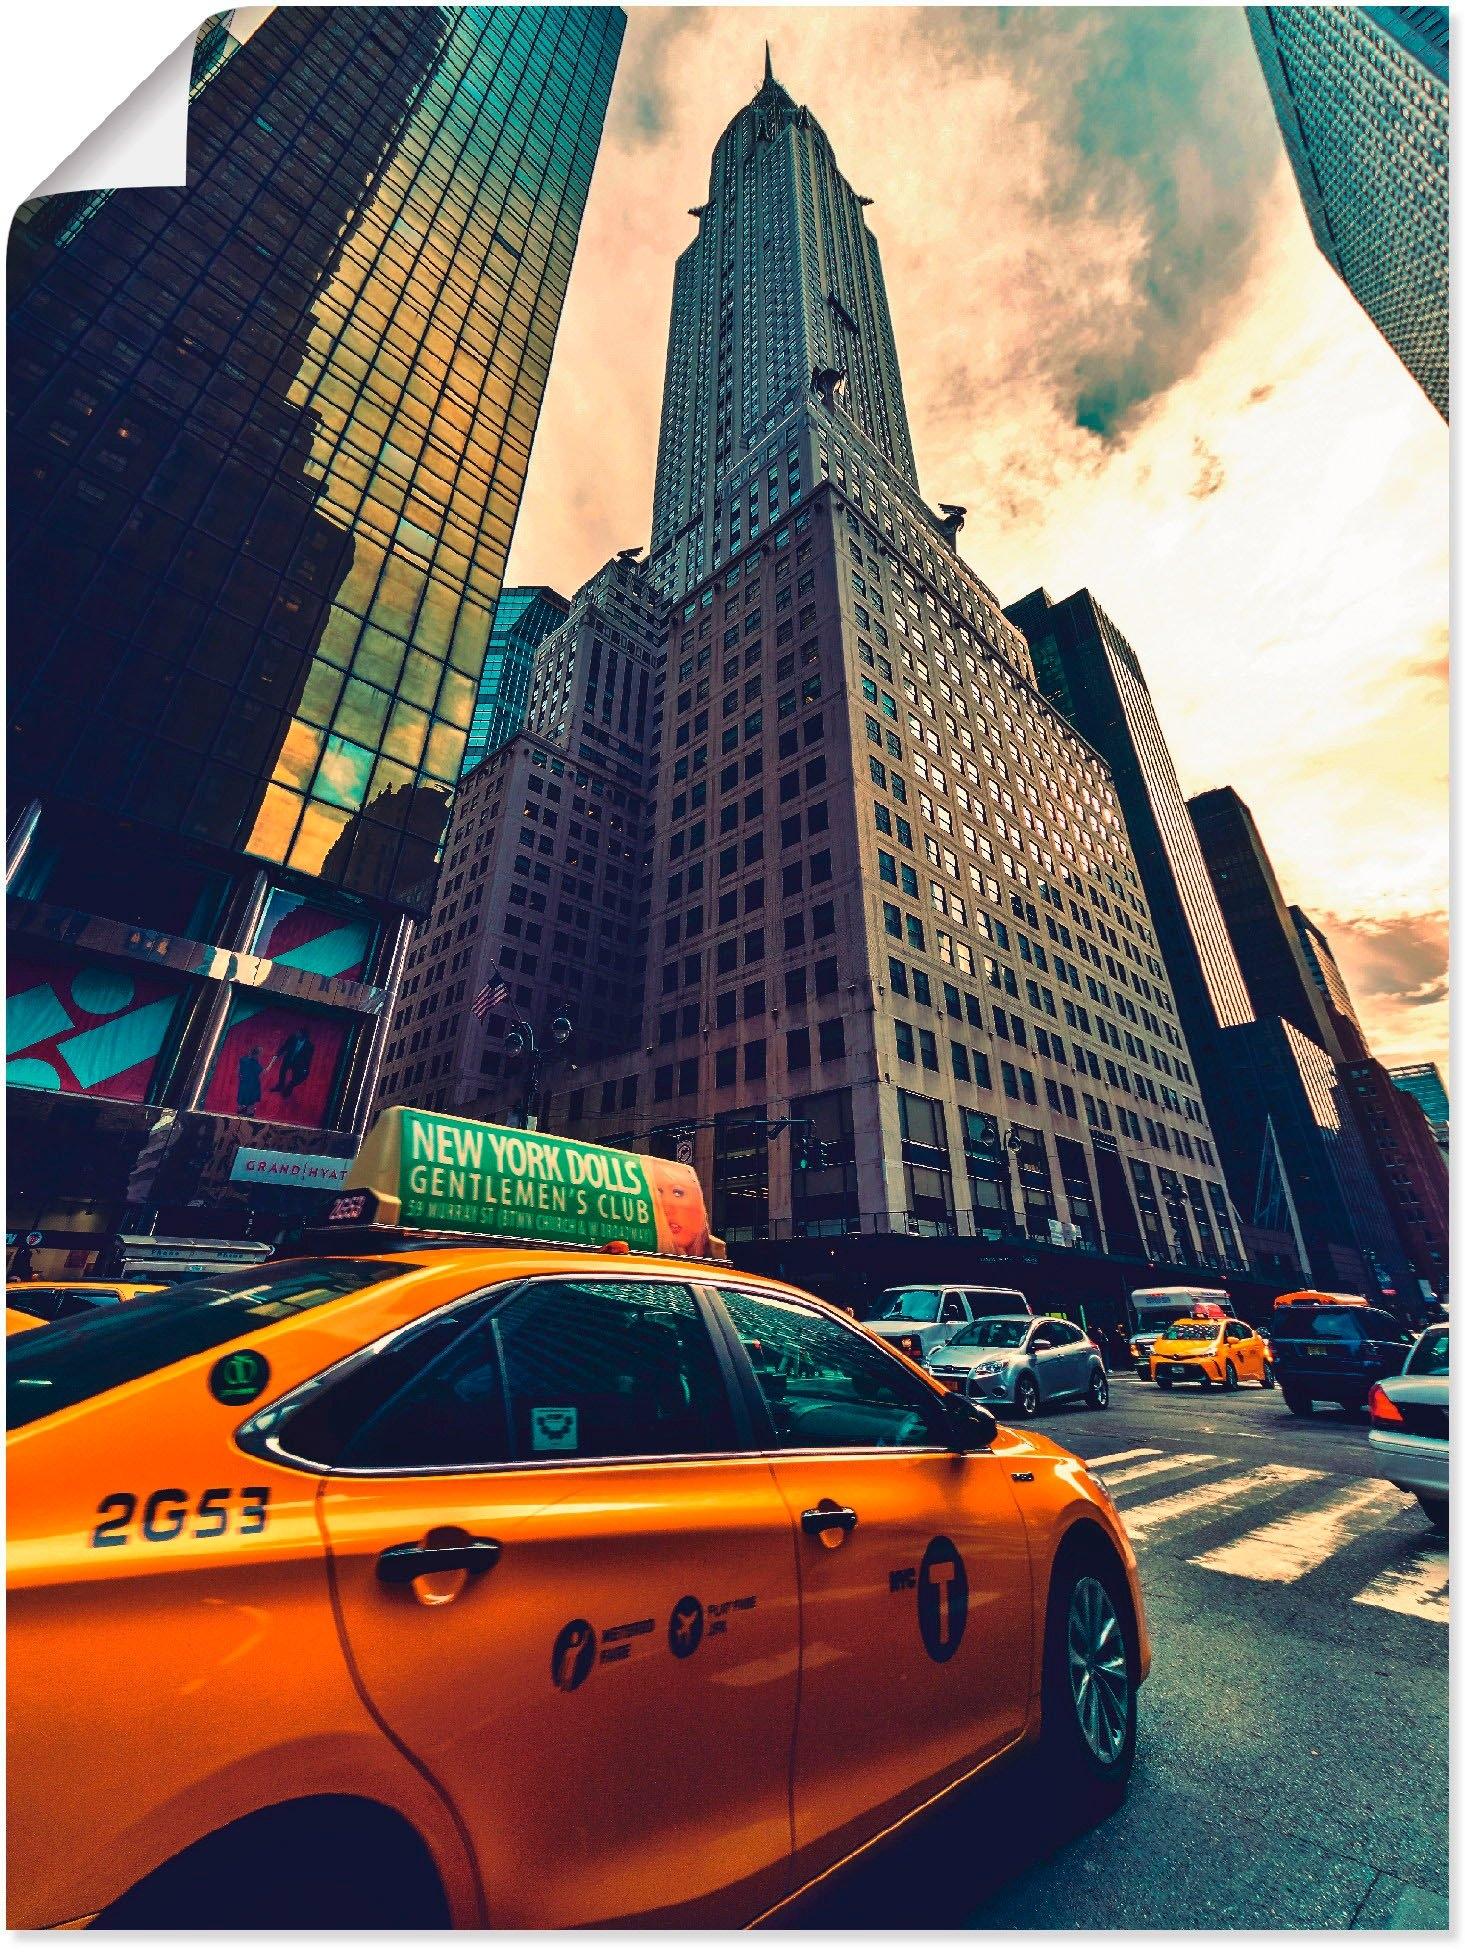 Artland artprint »Taxi in New York« bij OTTO online kopen